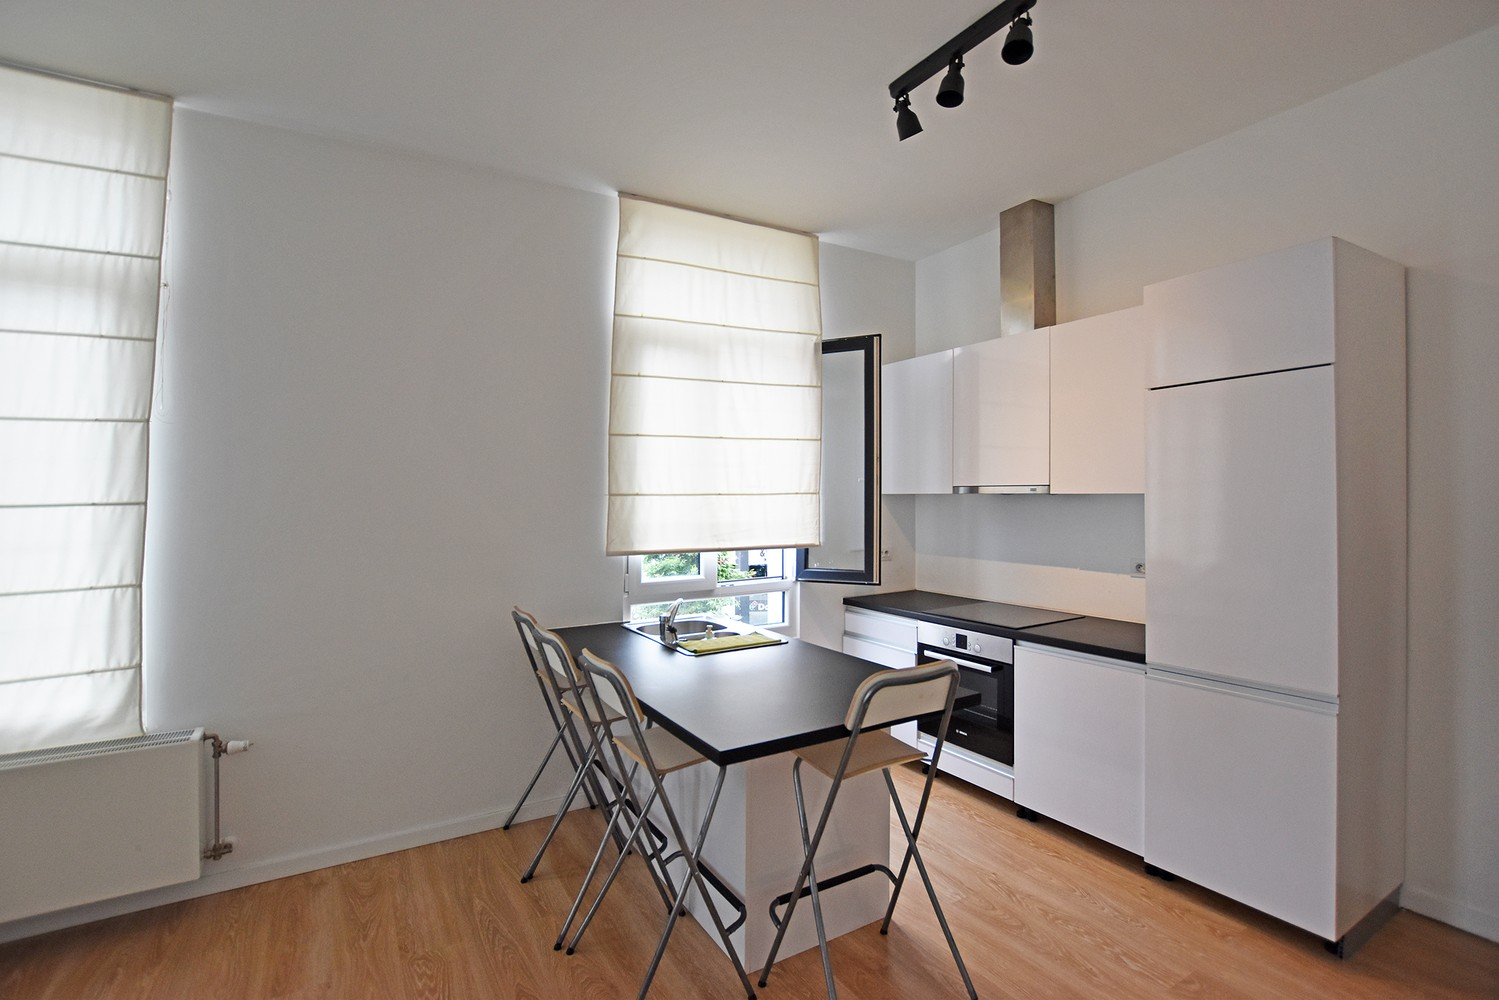 Modern appartement op de eerste verdieping met 2 slaapkamers en veel lichtinval! afbeelding 2